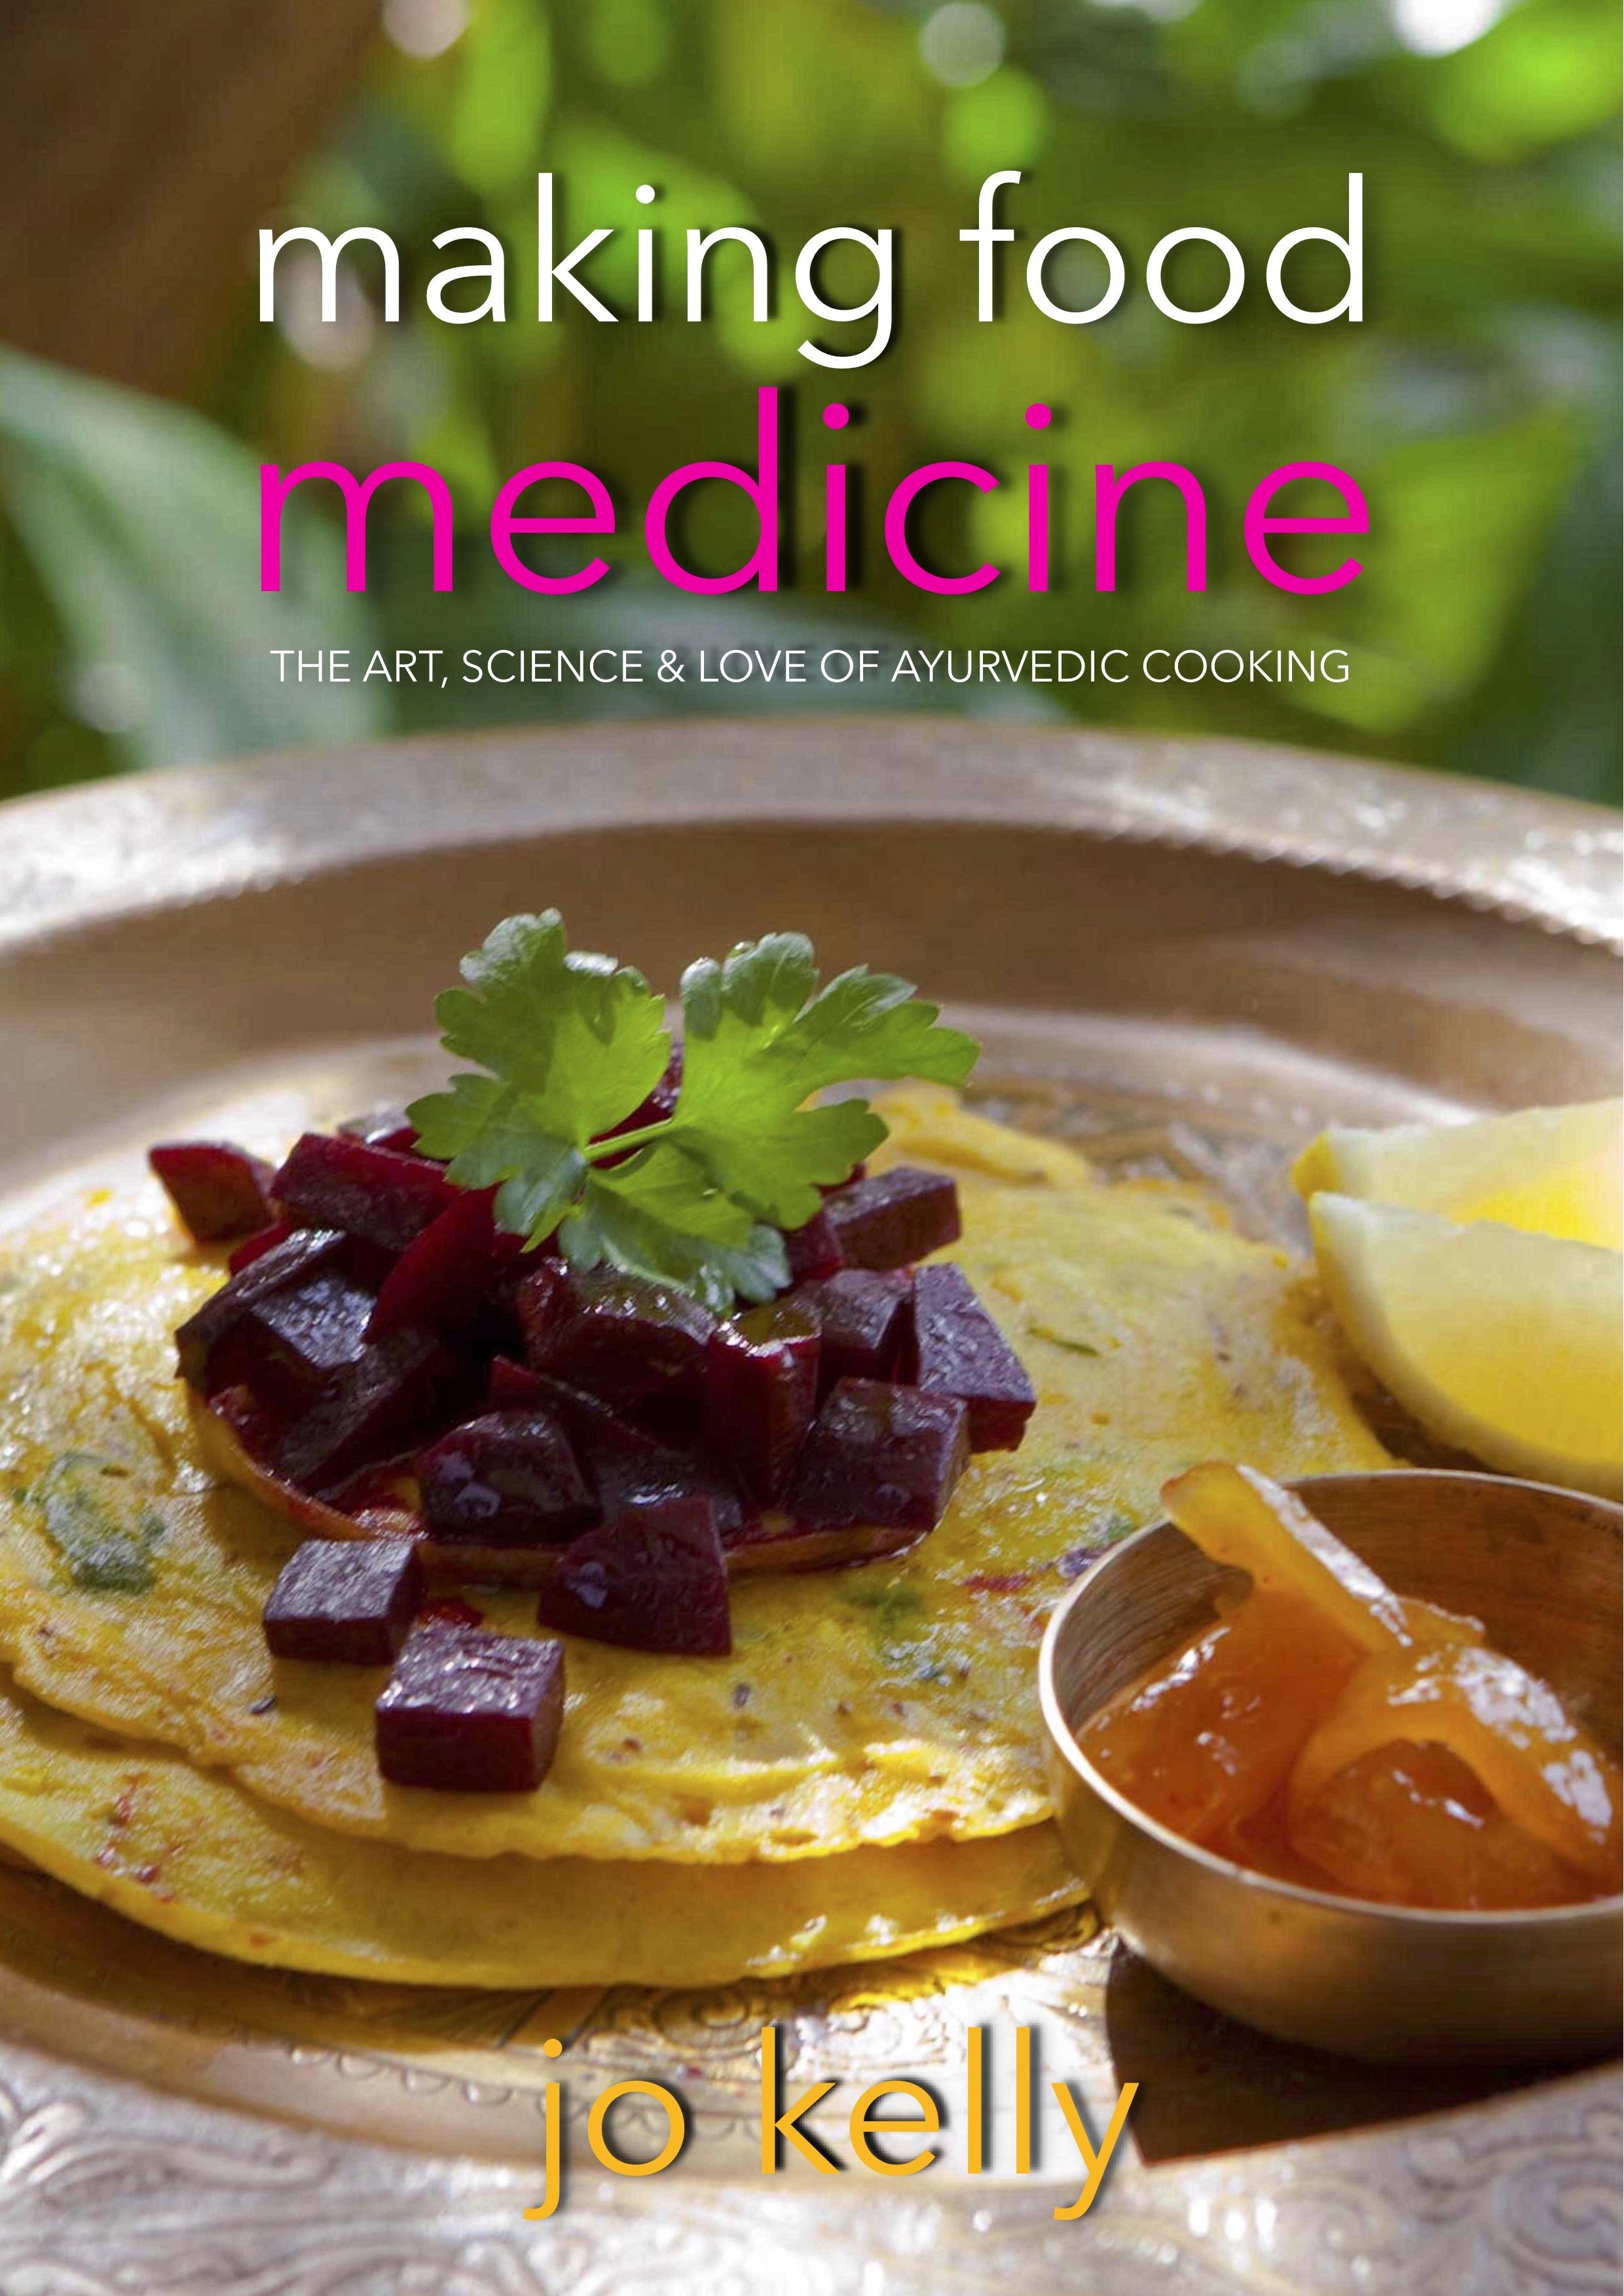 Cookbook: Making Food Medicine (Hardcover) 00029